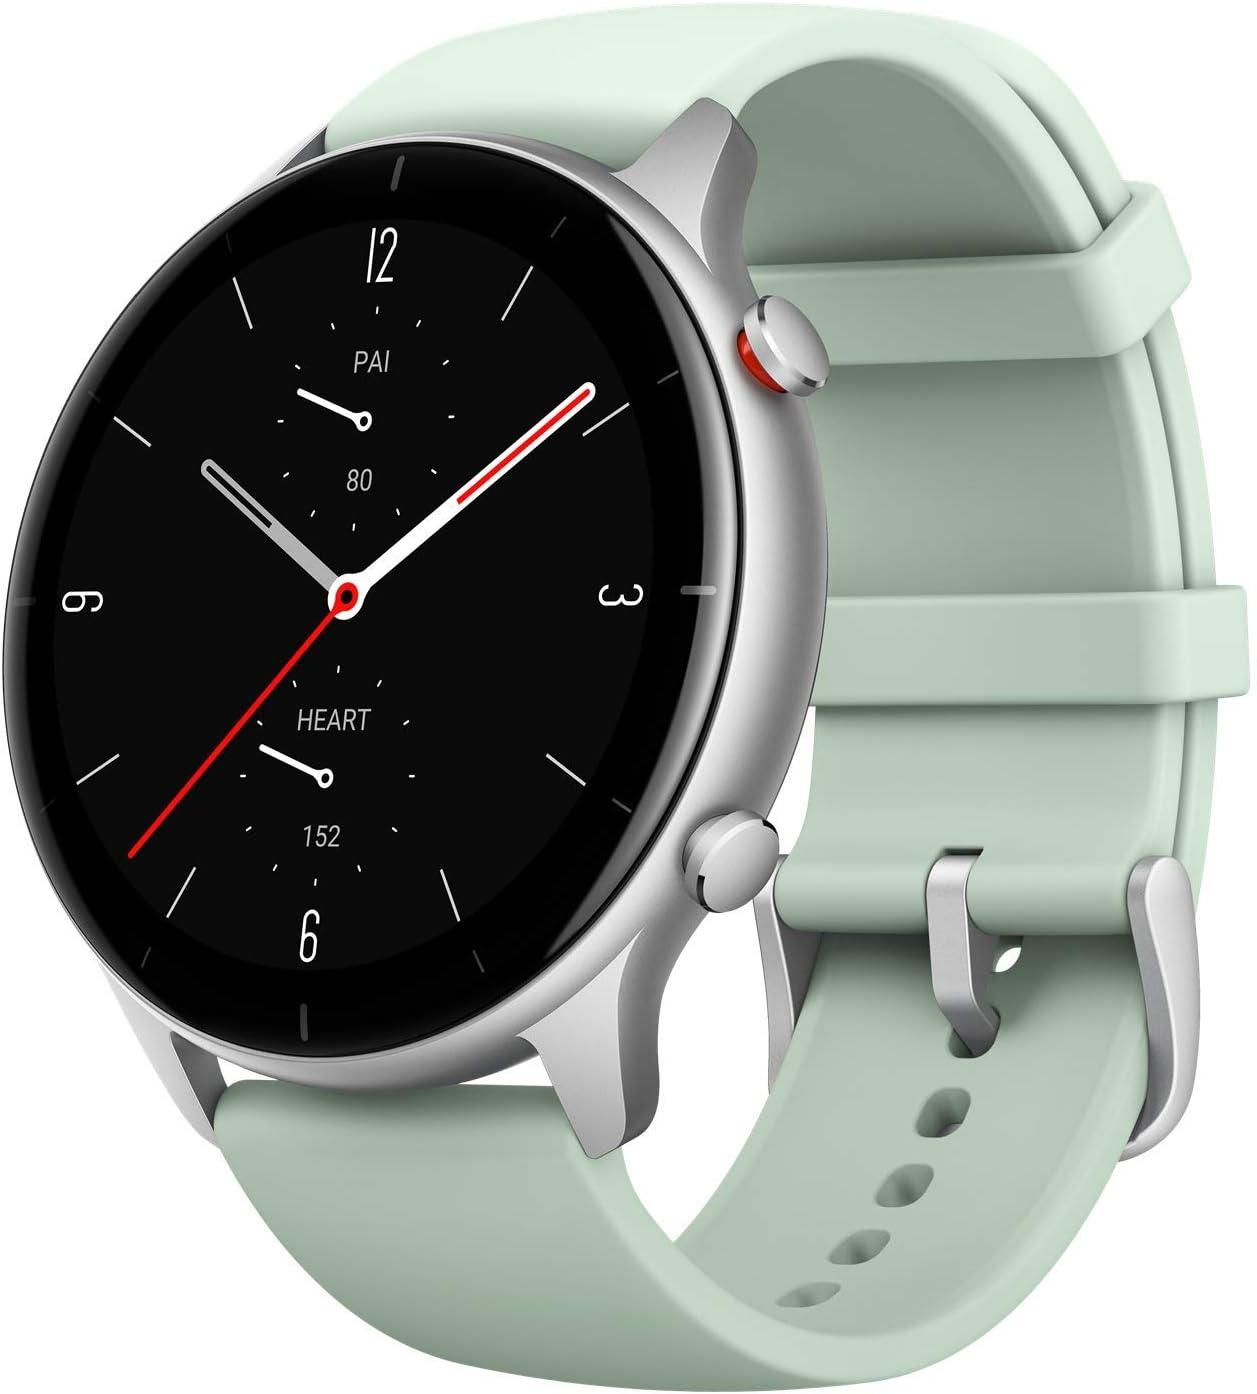 Amazfit GTR 2e Smartwatch Reloj Inteligente 90 Modos Deportivo 5 ATM Duración de la batería 24 Días Medición de la saturación de oxígeno en Sangre